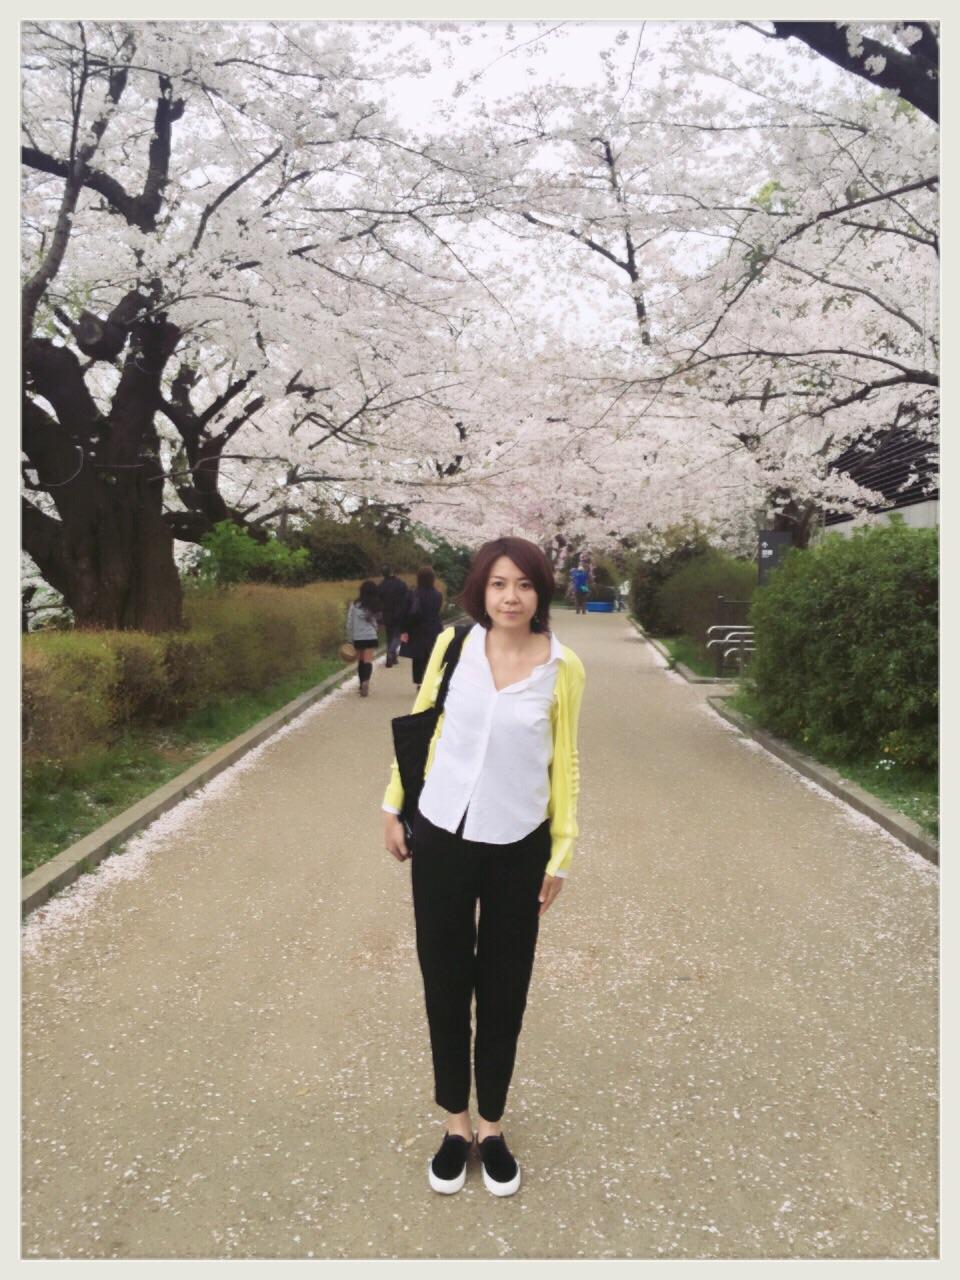 桜の命は短し、恋せよ乙女。_1